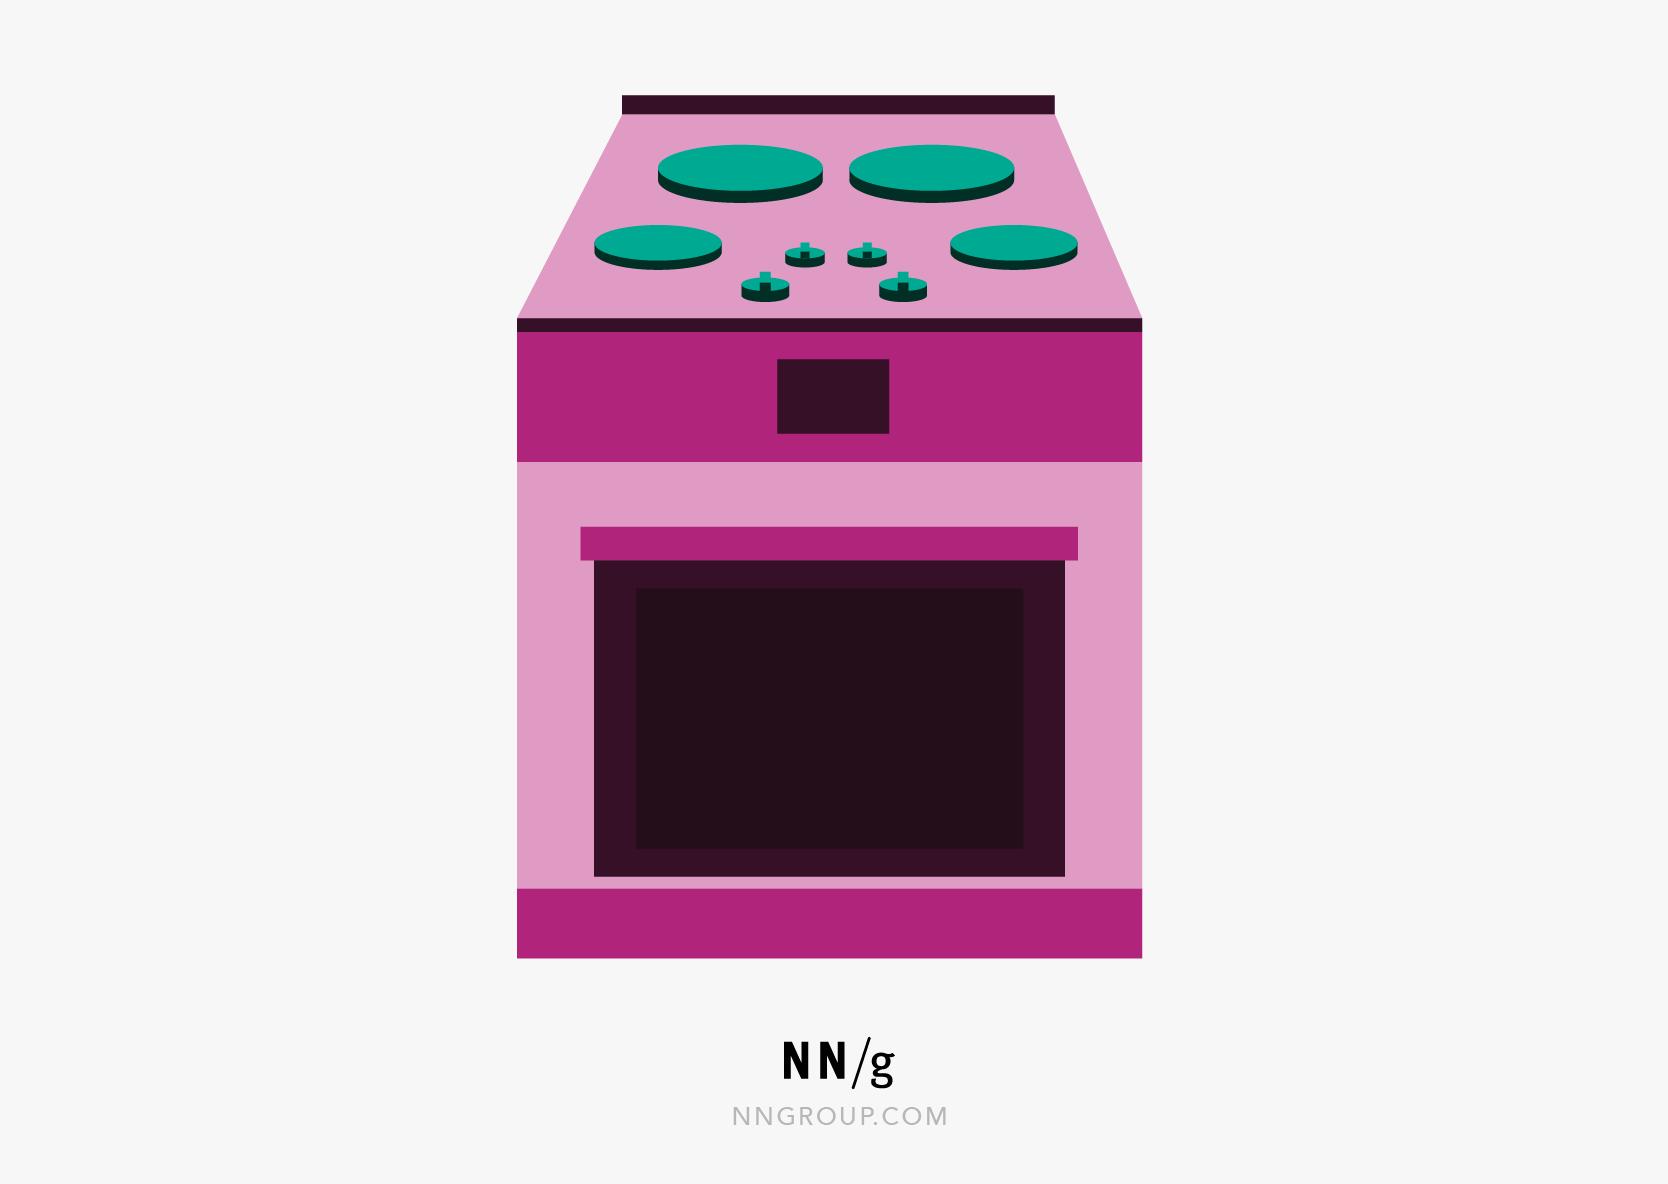 可用性启发式#2:一种具有与加热元件布局相匹配的控制的炉灶。